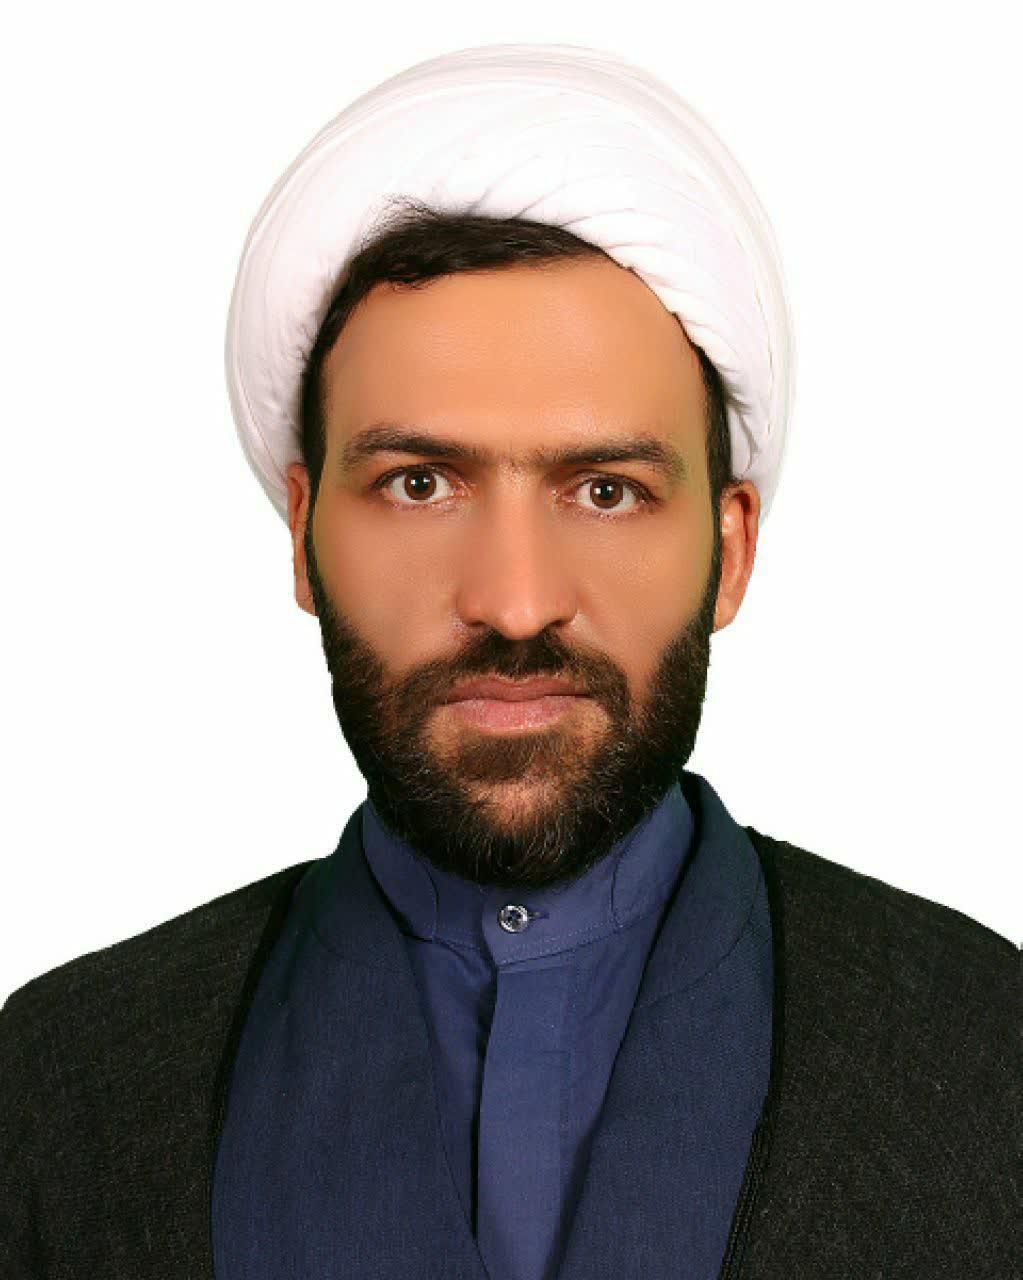 زندگینامه حجت الاسلام والمسلمین محسن گل محمدی